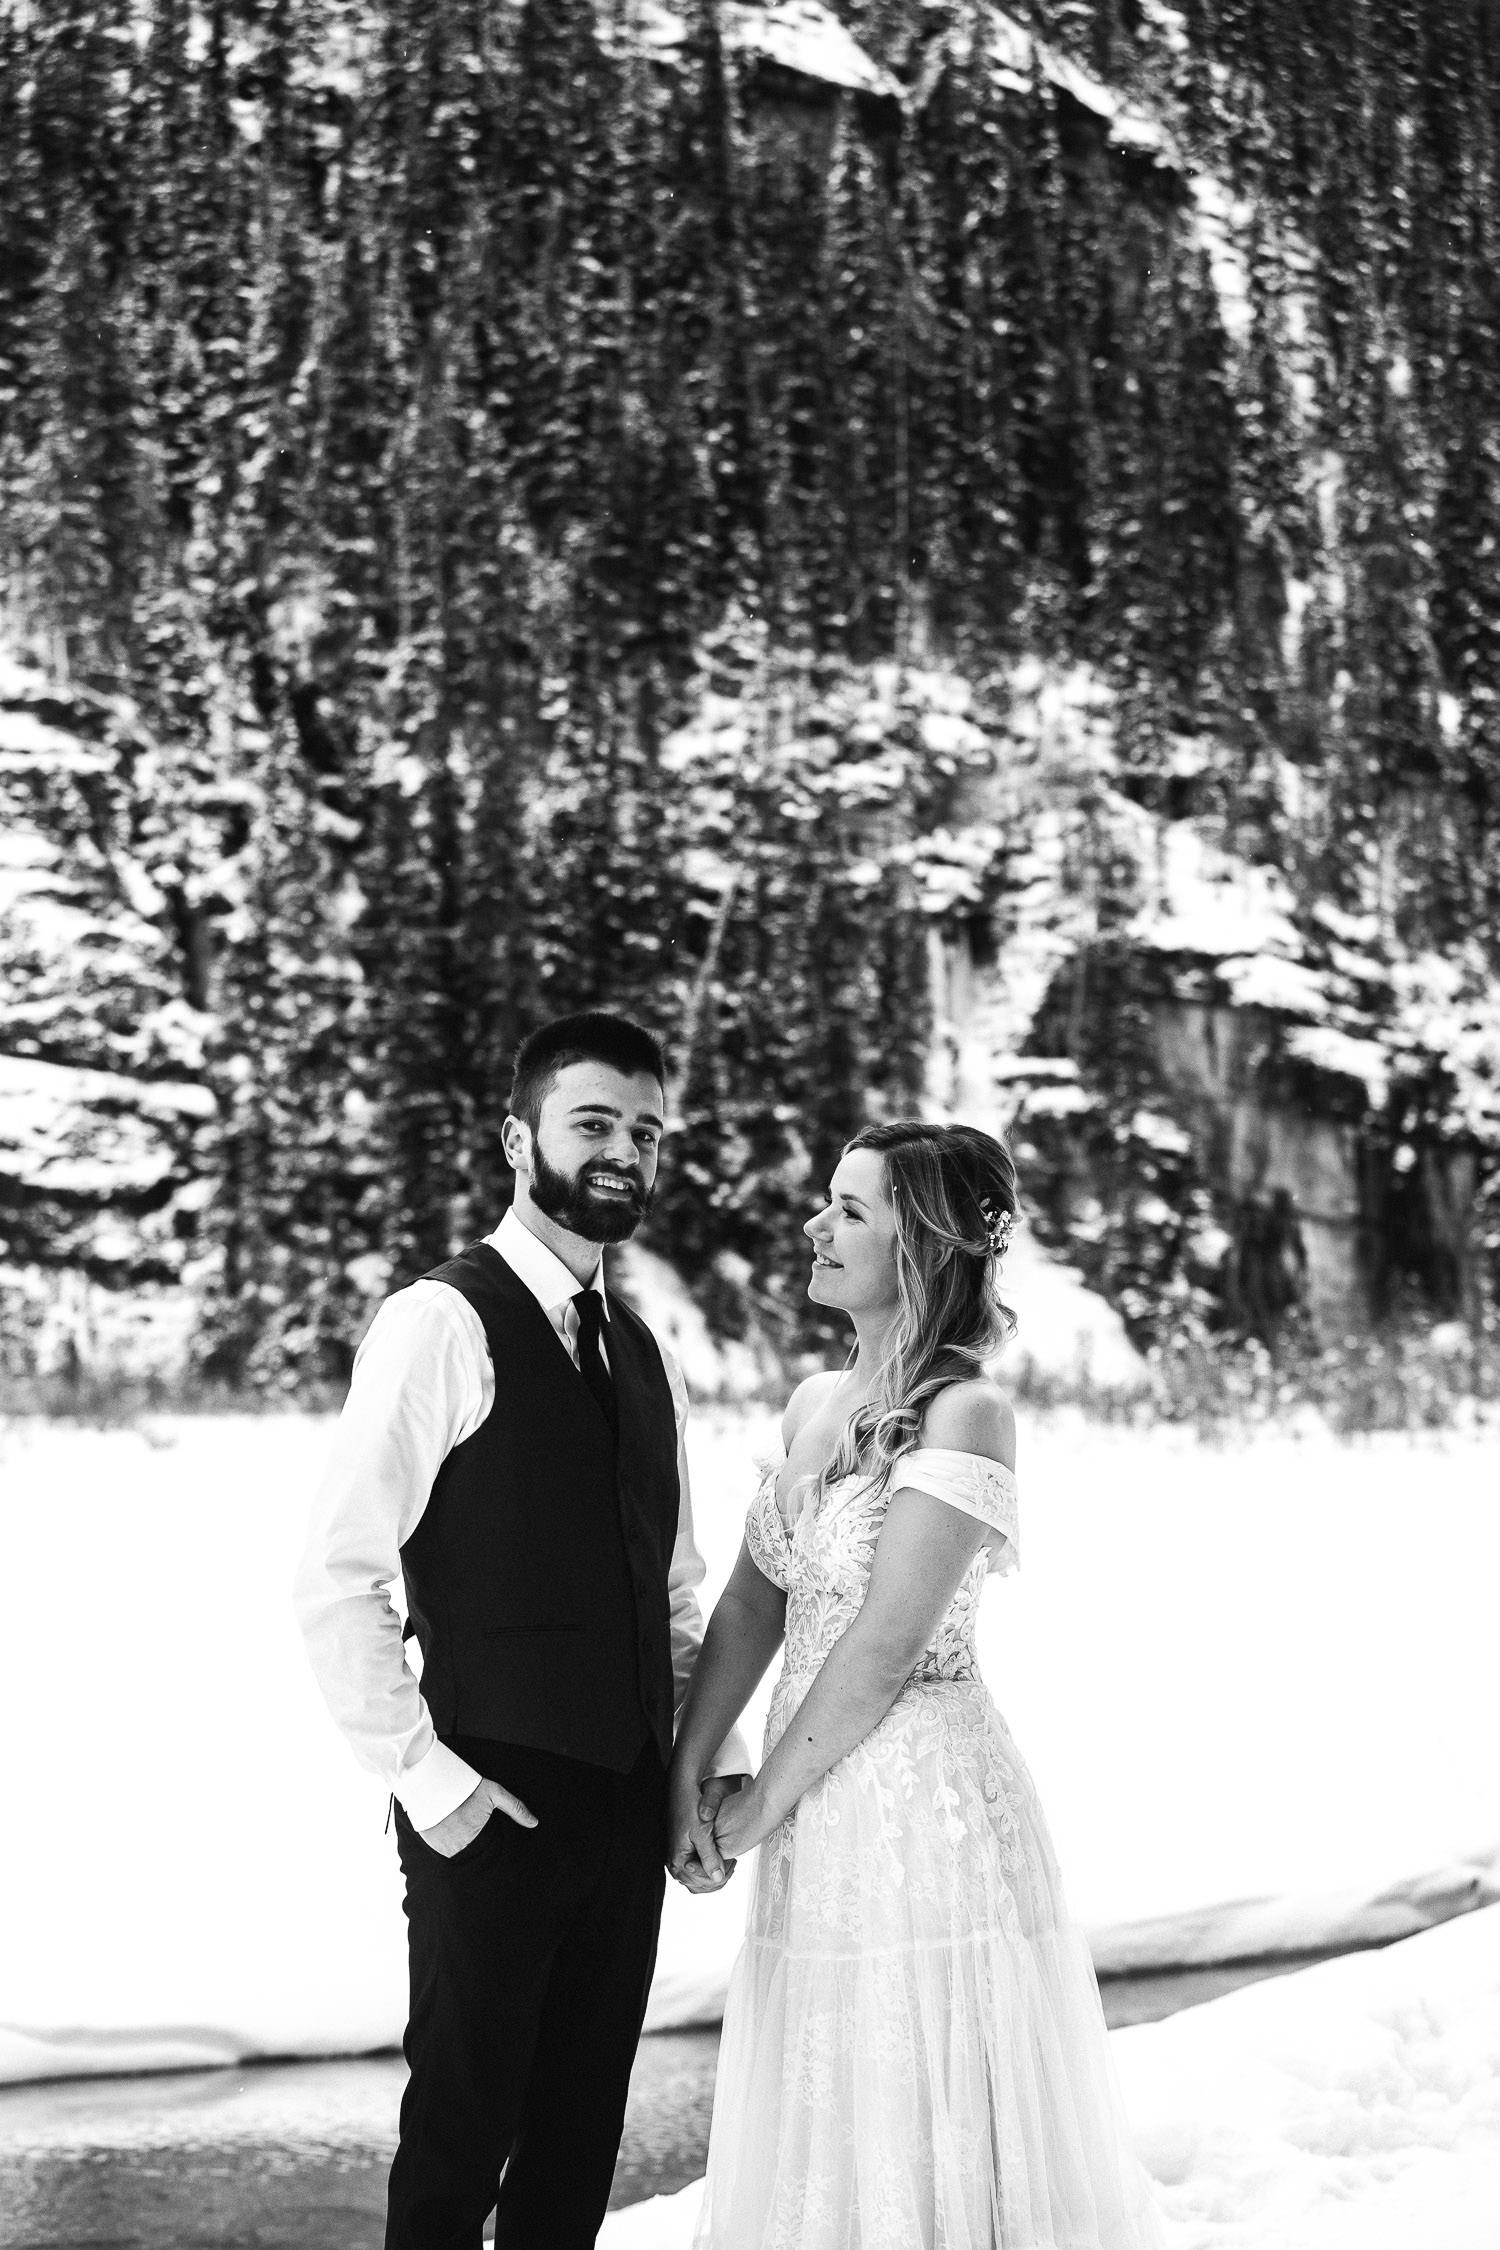 canadian-rocky-mountain-elopement-photographers-sarah-pukin-0012